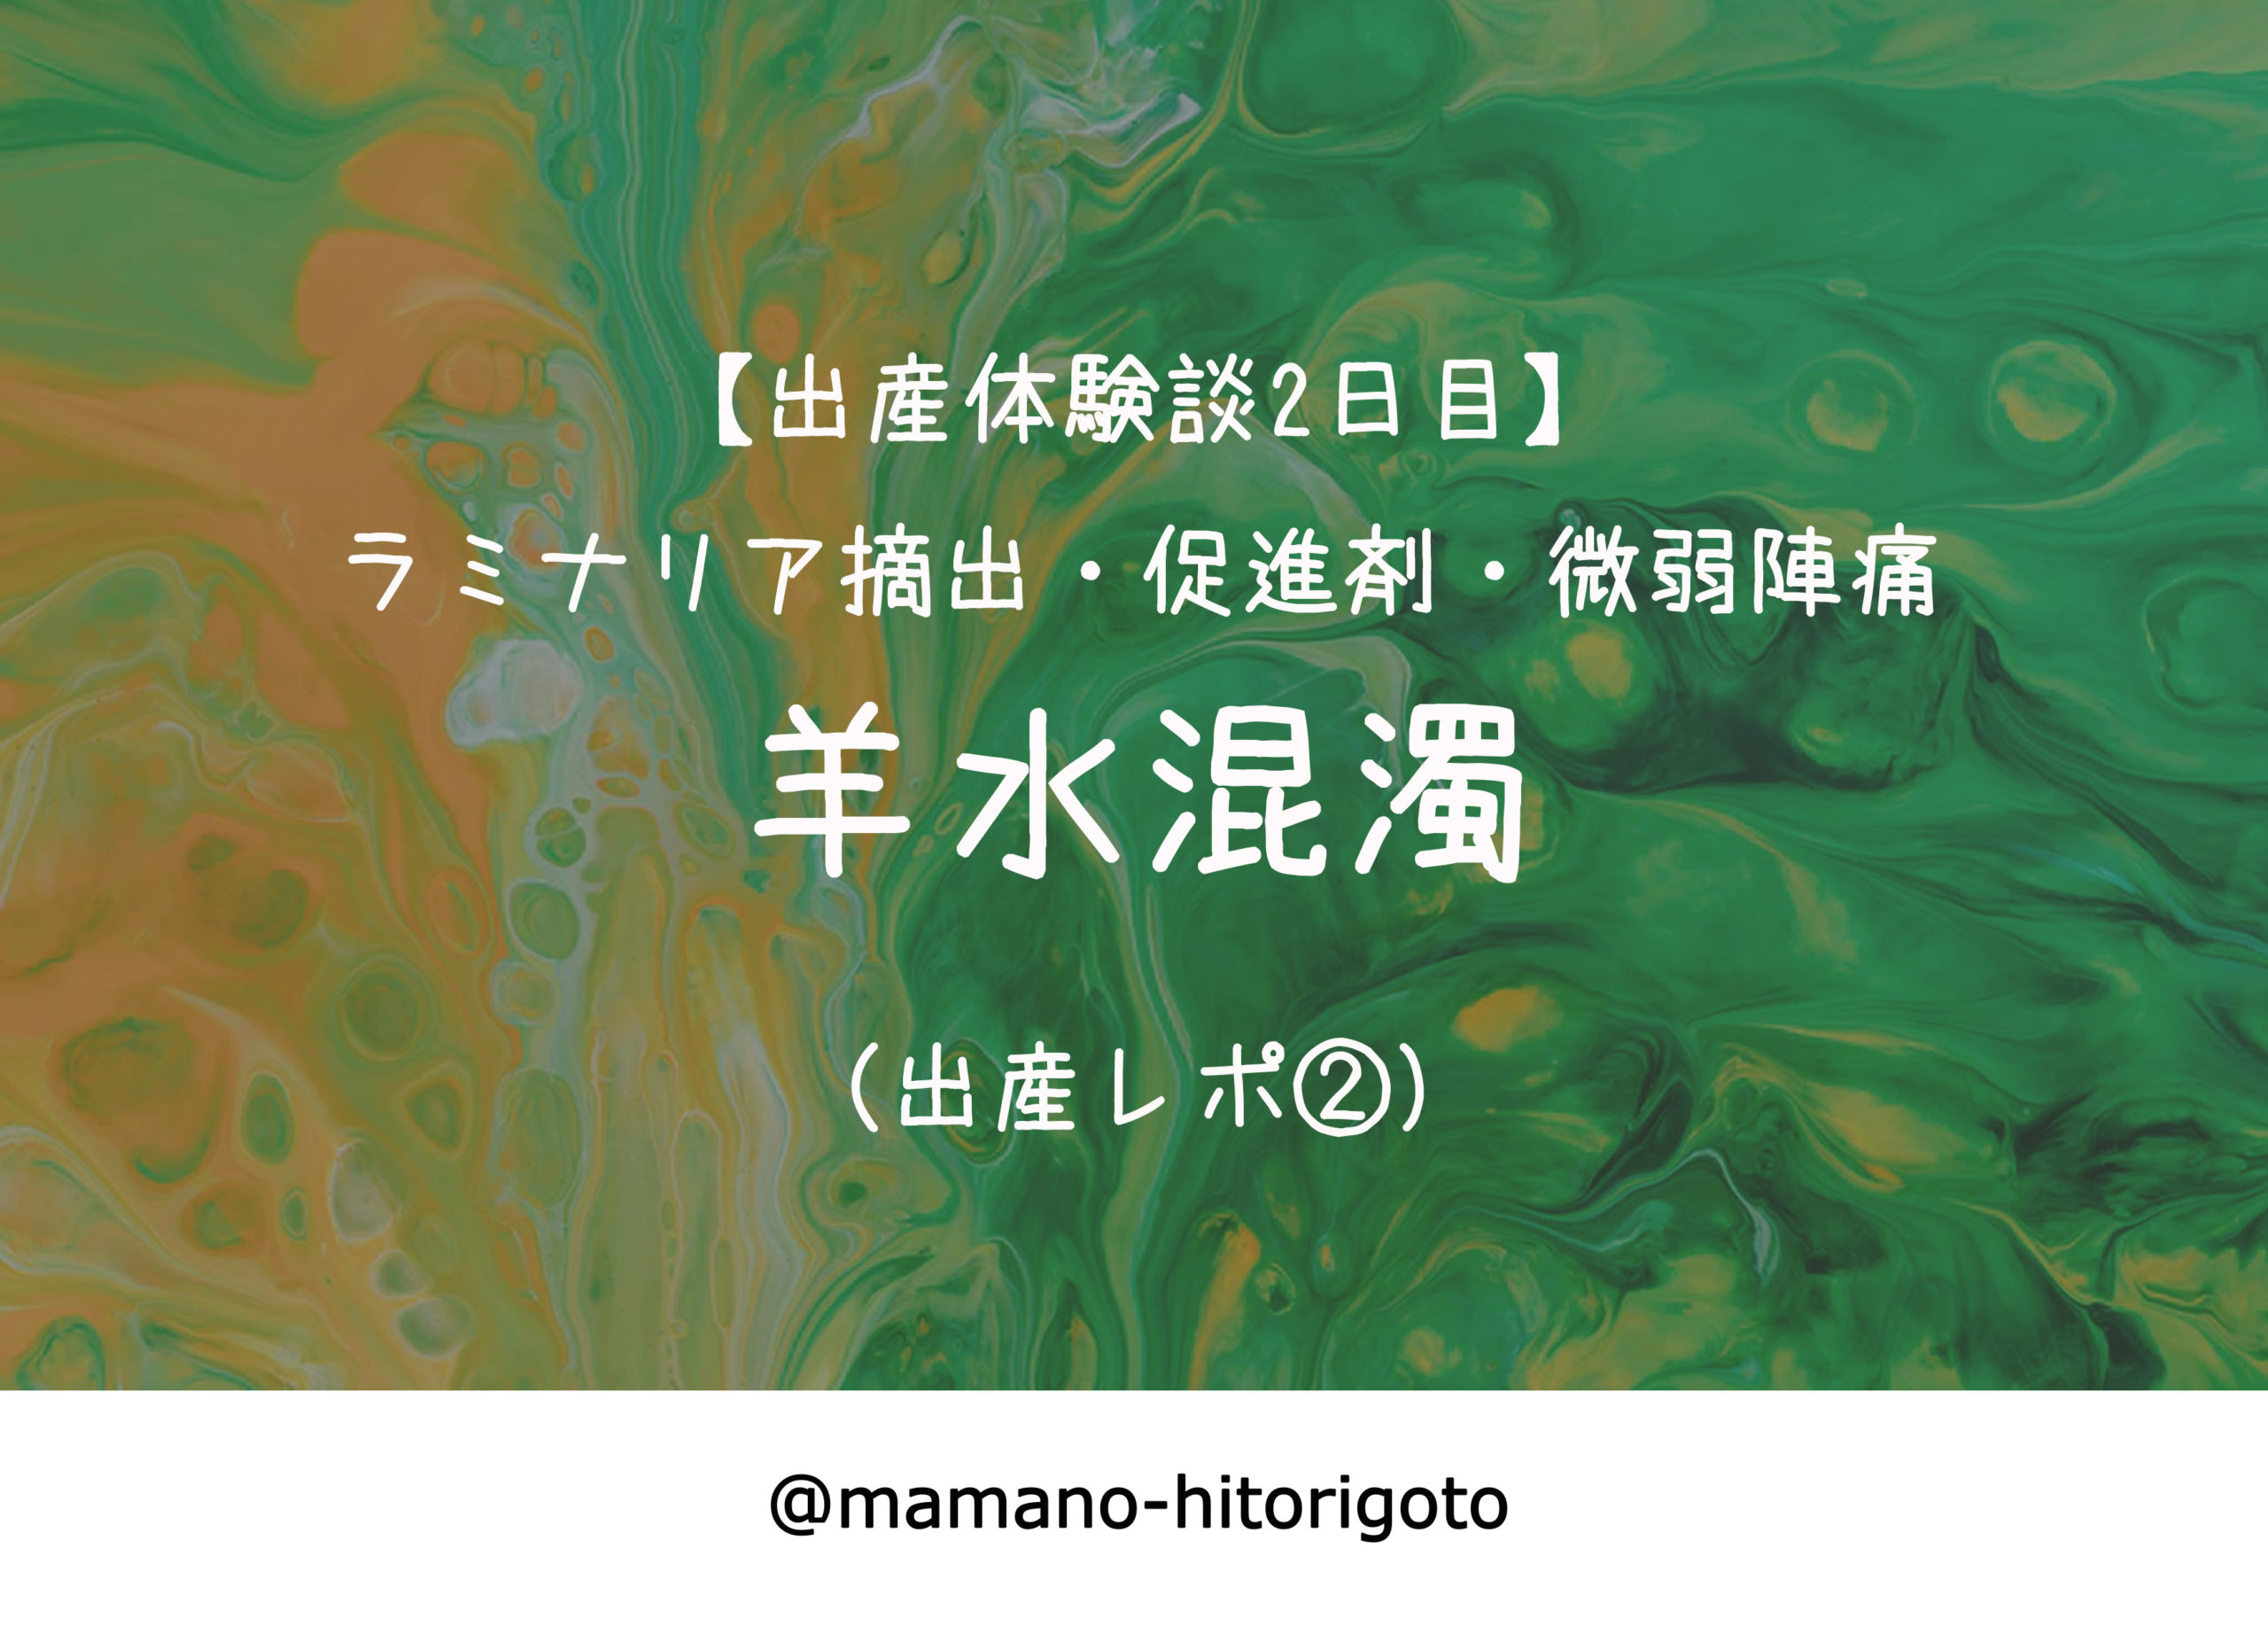 【出産体験談2日目】ラミナリア摘出・促進剤・微弱陣痛・羊水混濁